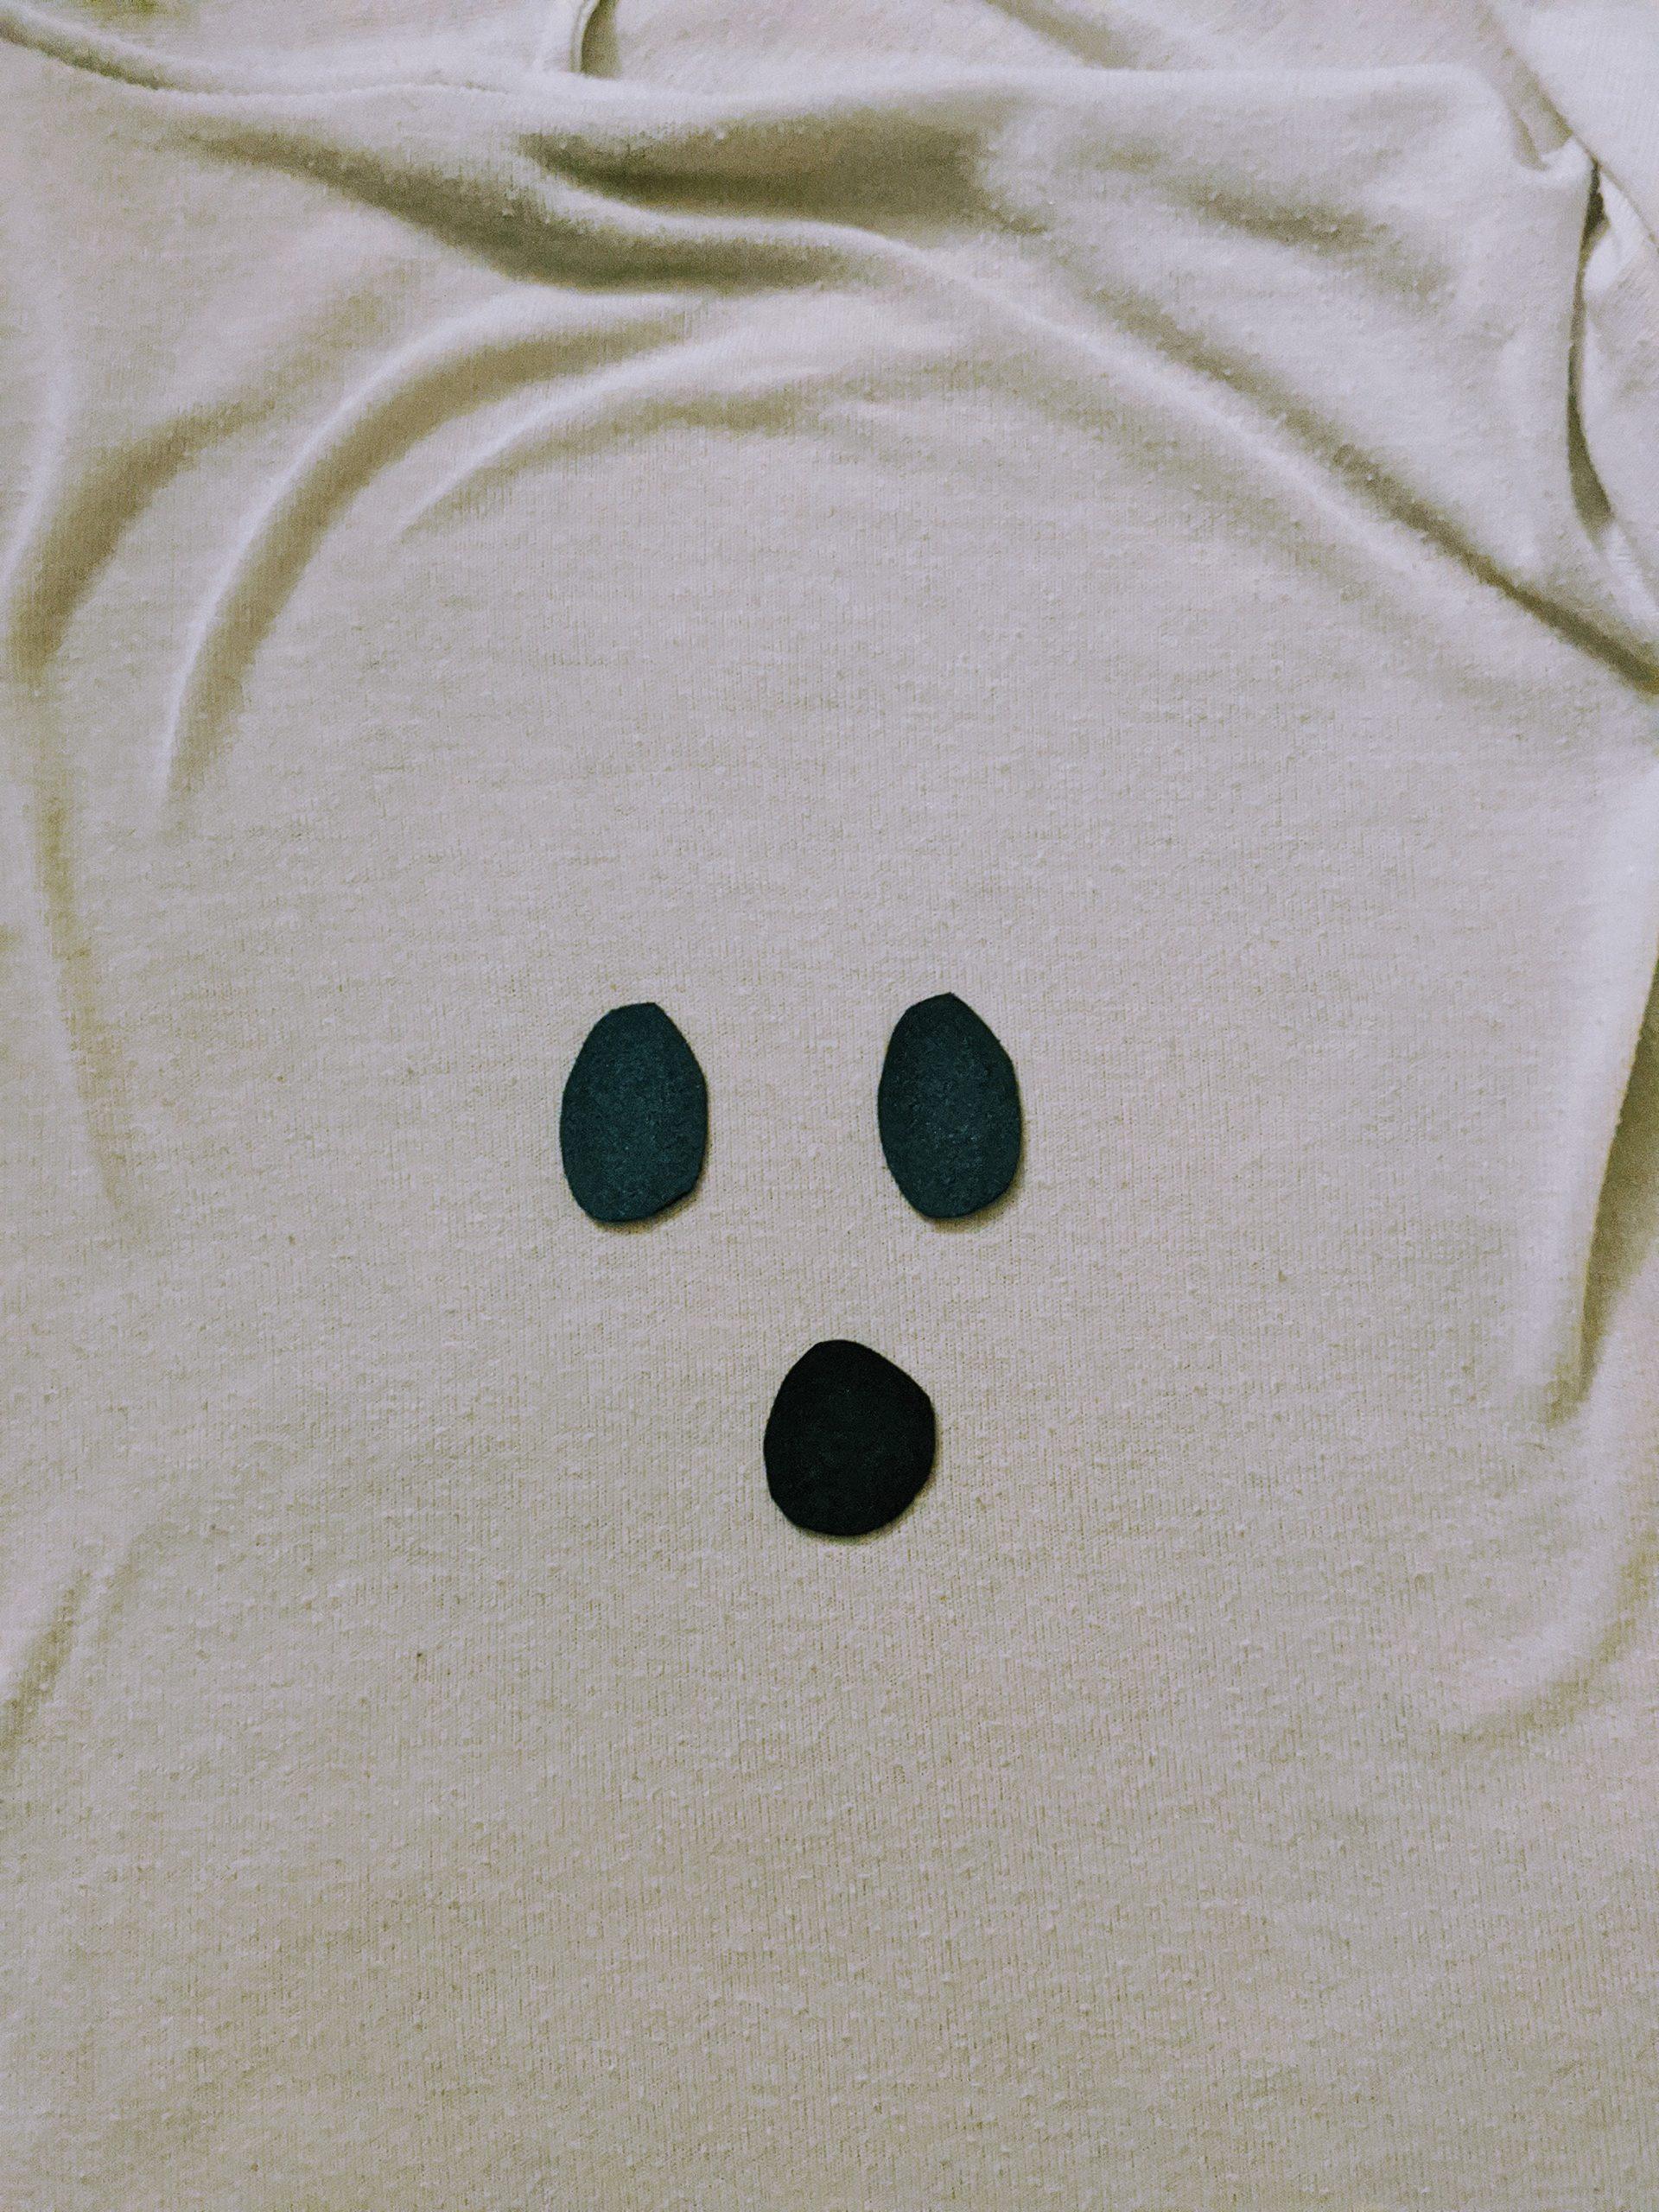 Taping ghost eyes on white sheet